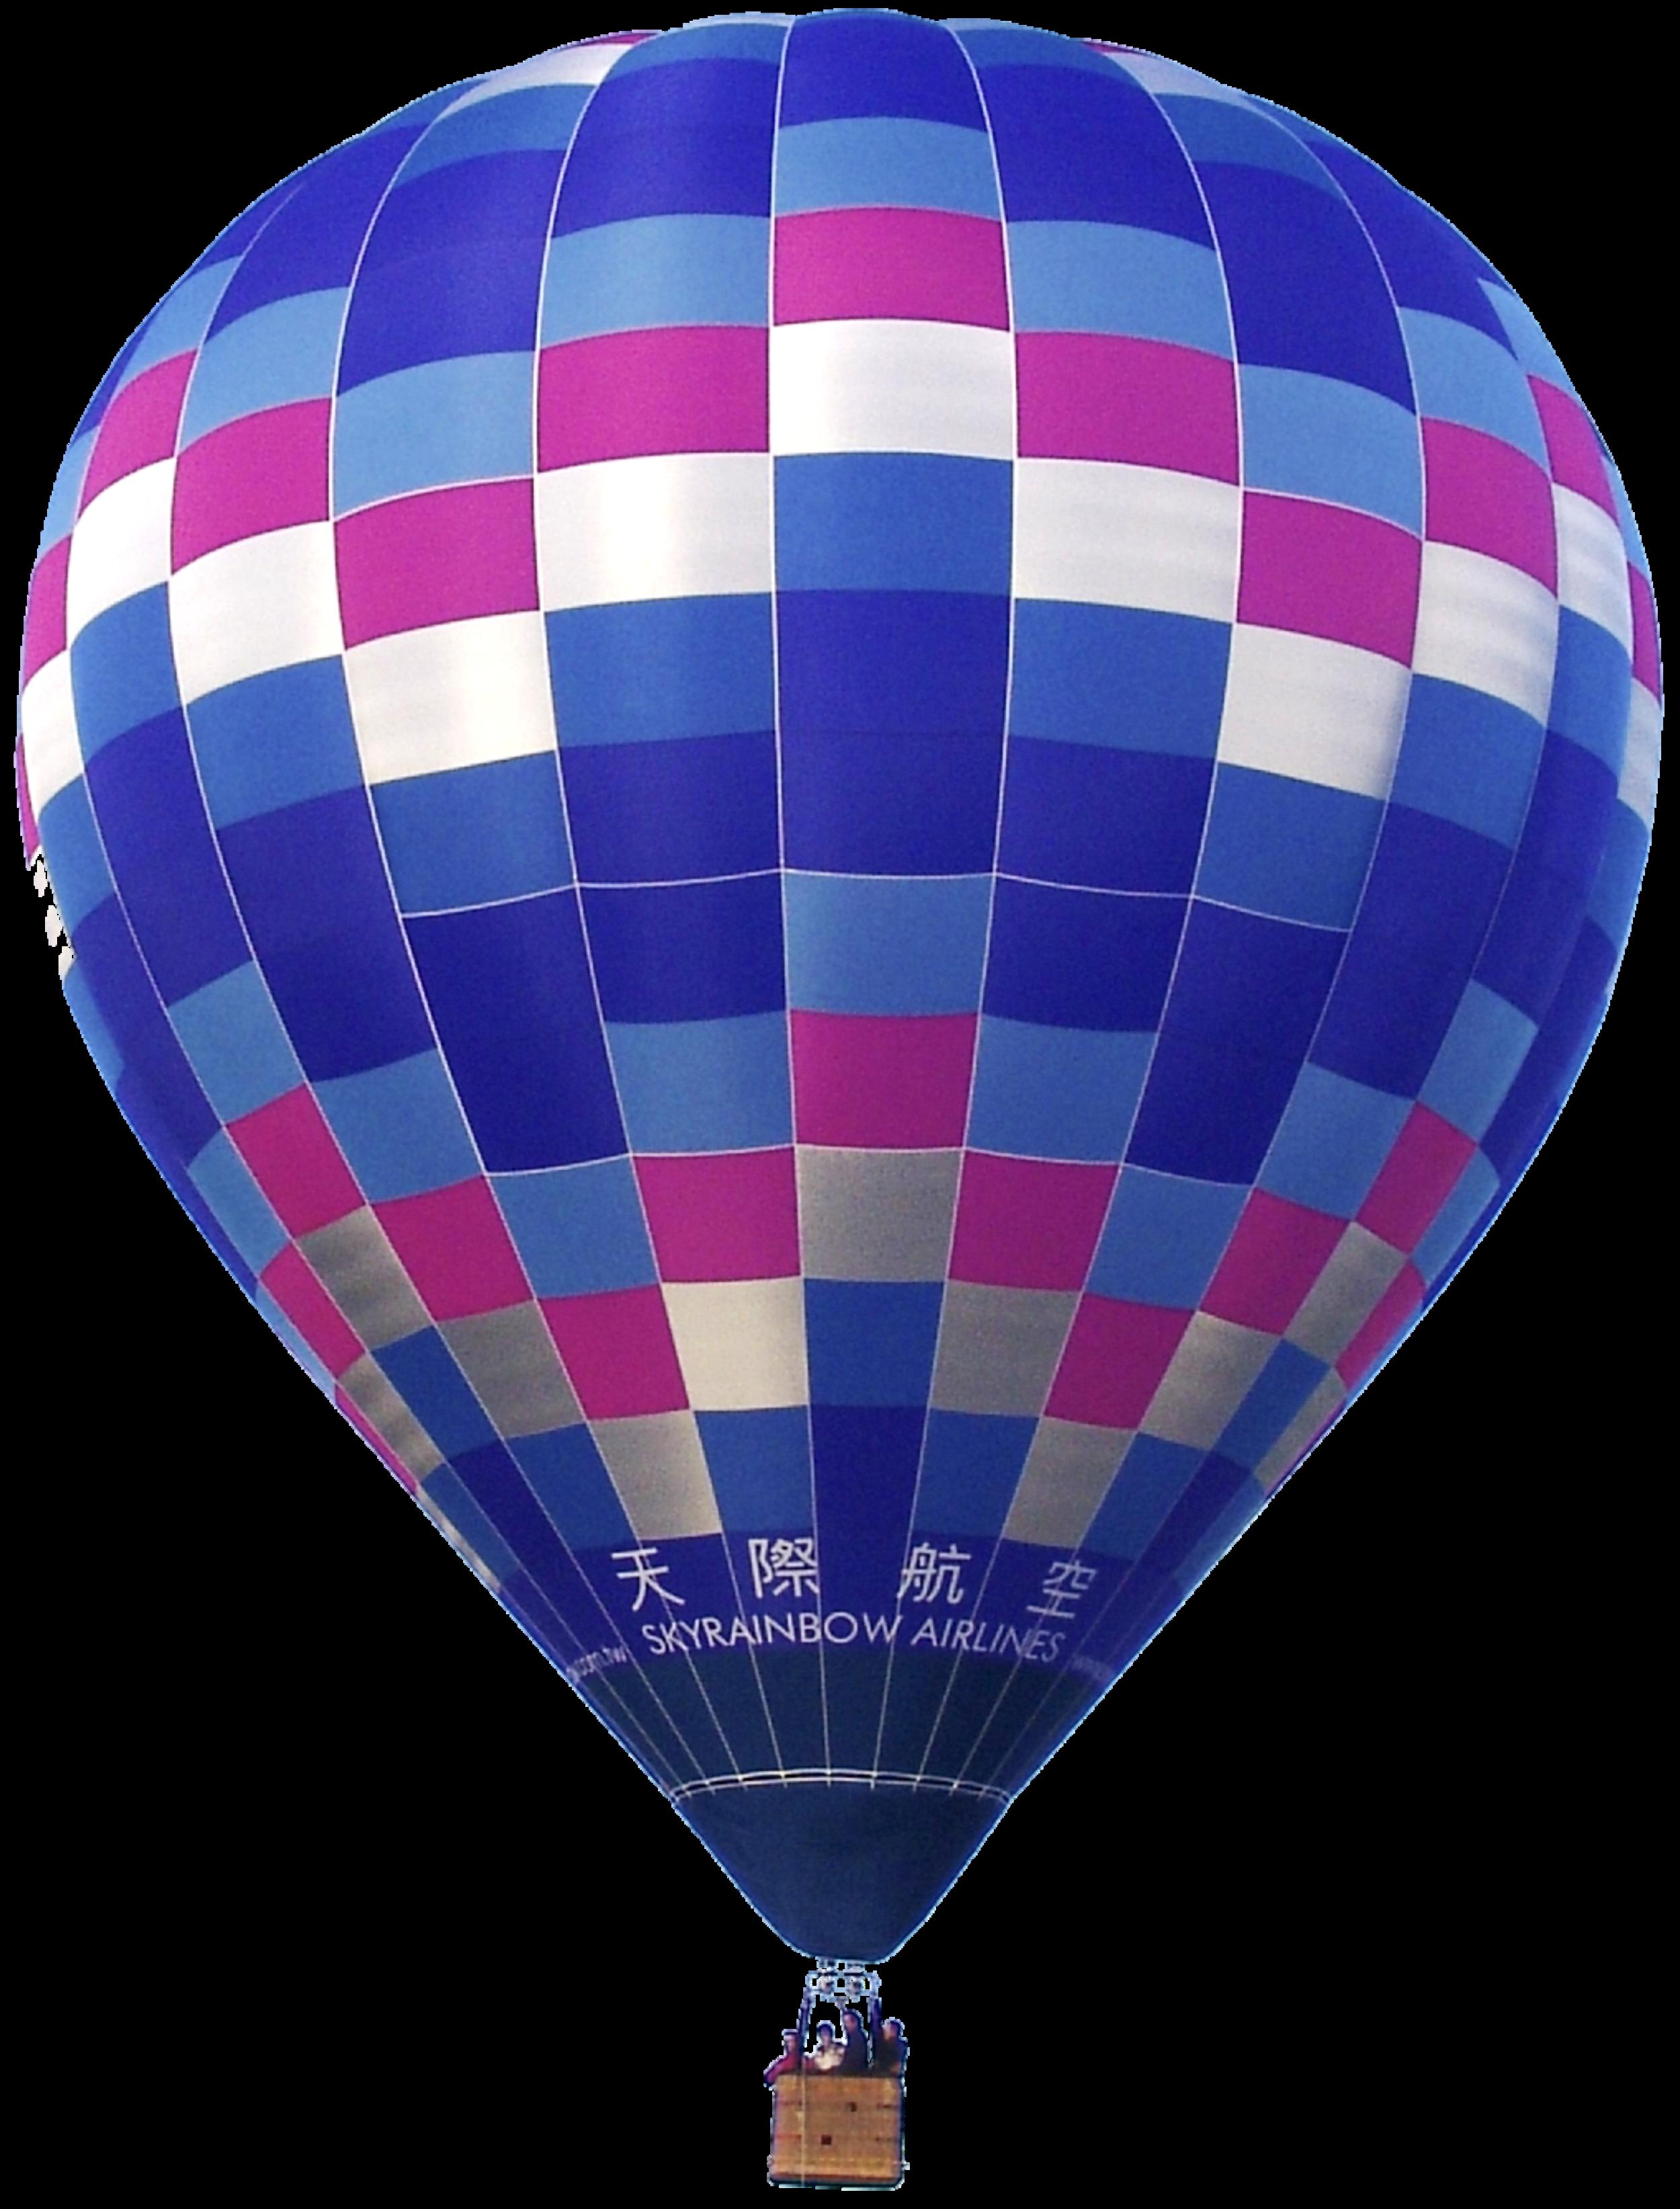 Skyrainbow Blue (Taiwan)    Pilot: Huang Chieng Shin